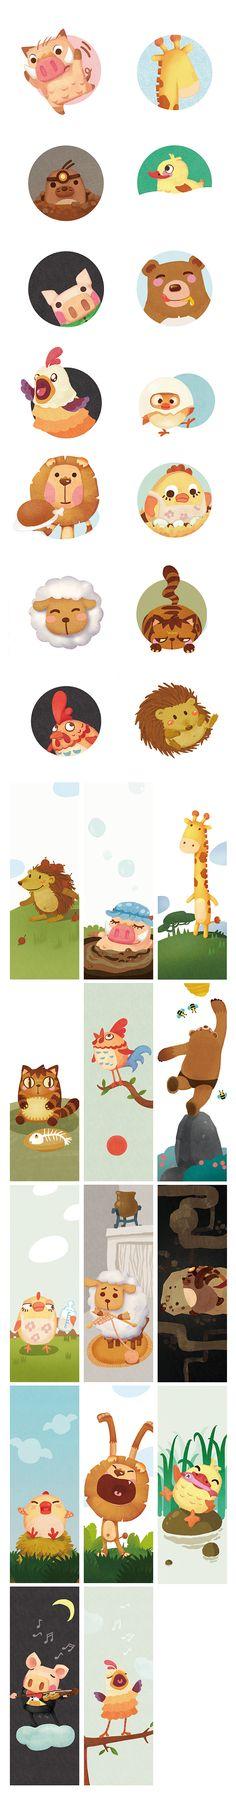 《为一款儿童产品做的某些工作》原图尺寸:...